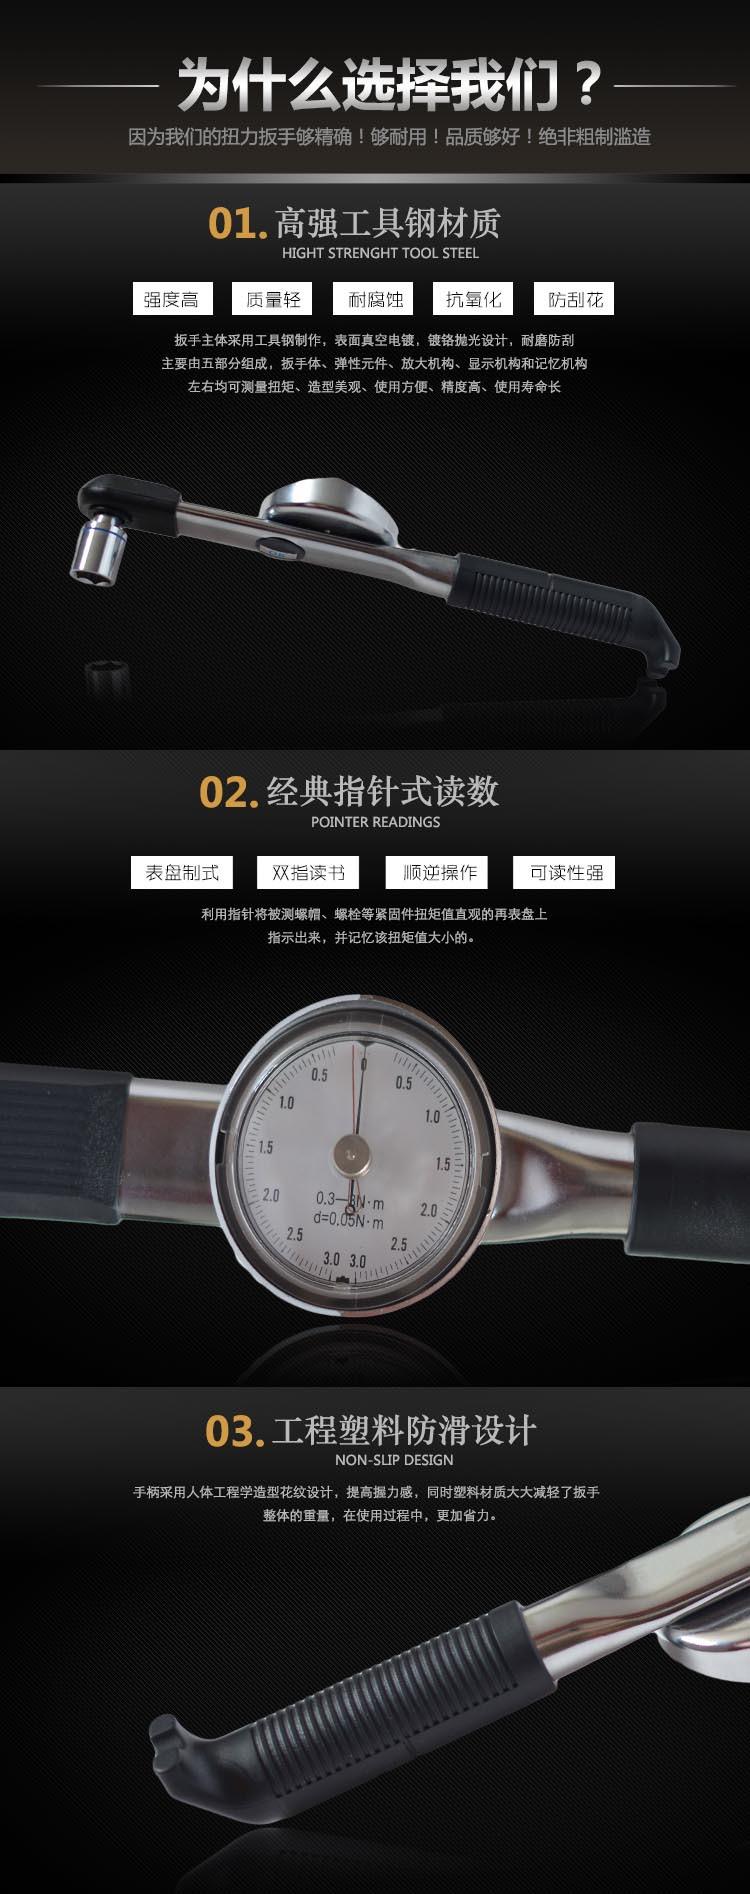 专业供应12NM 表盘式扭力扳手 表盘式扭矩扳手 表盘式 力矩扳手示例图2